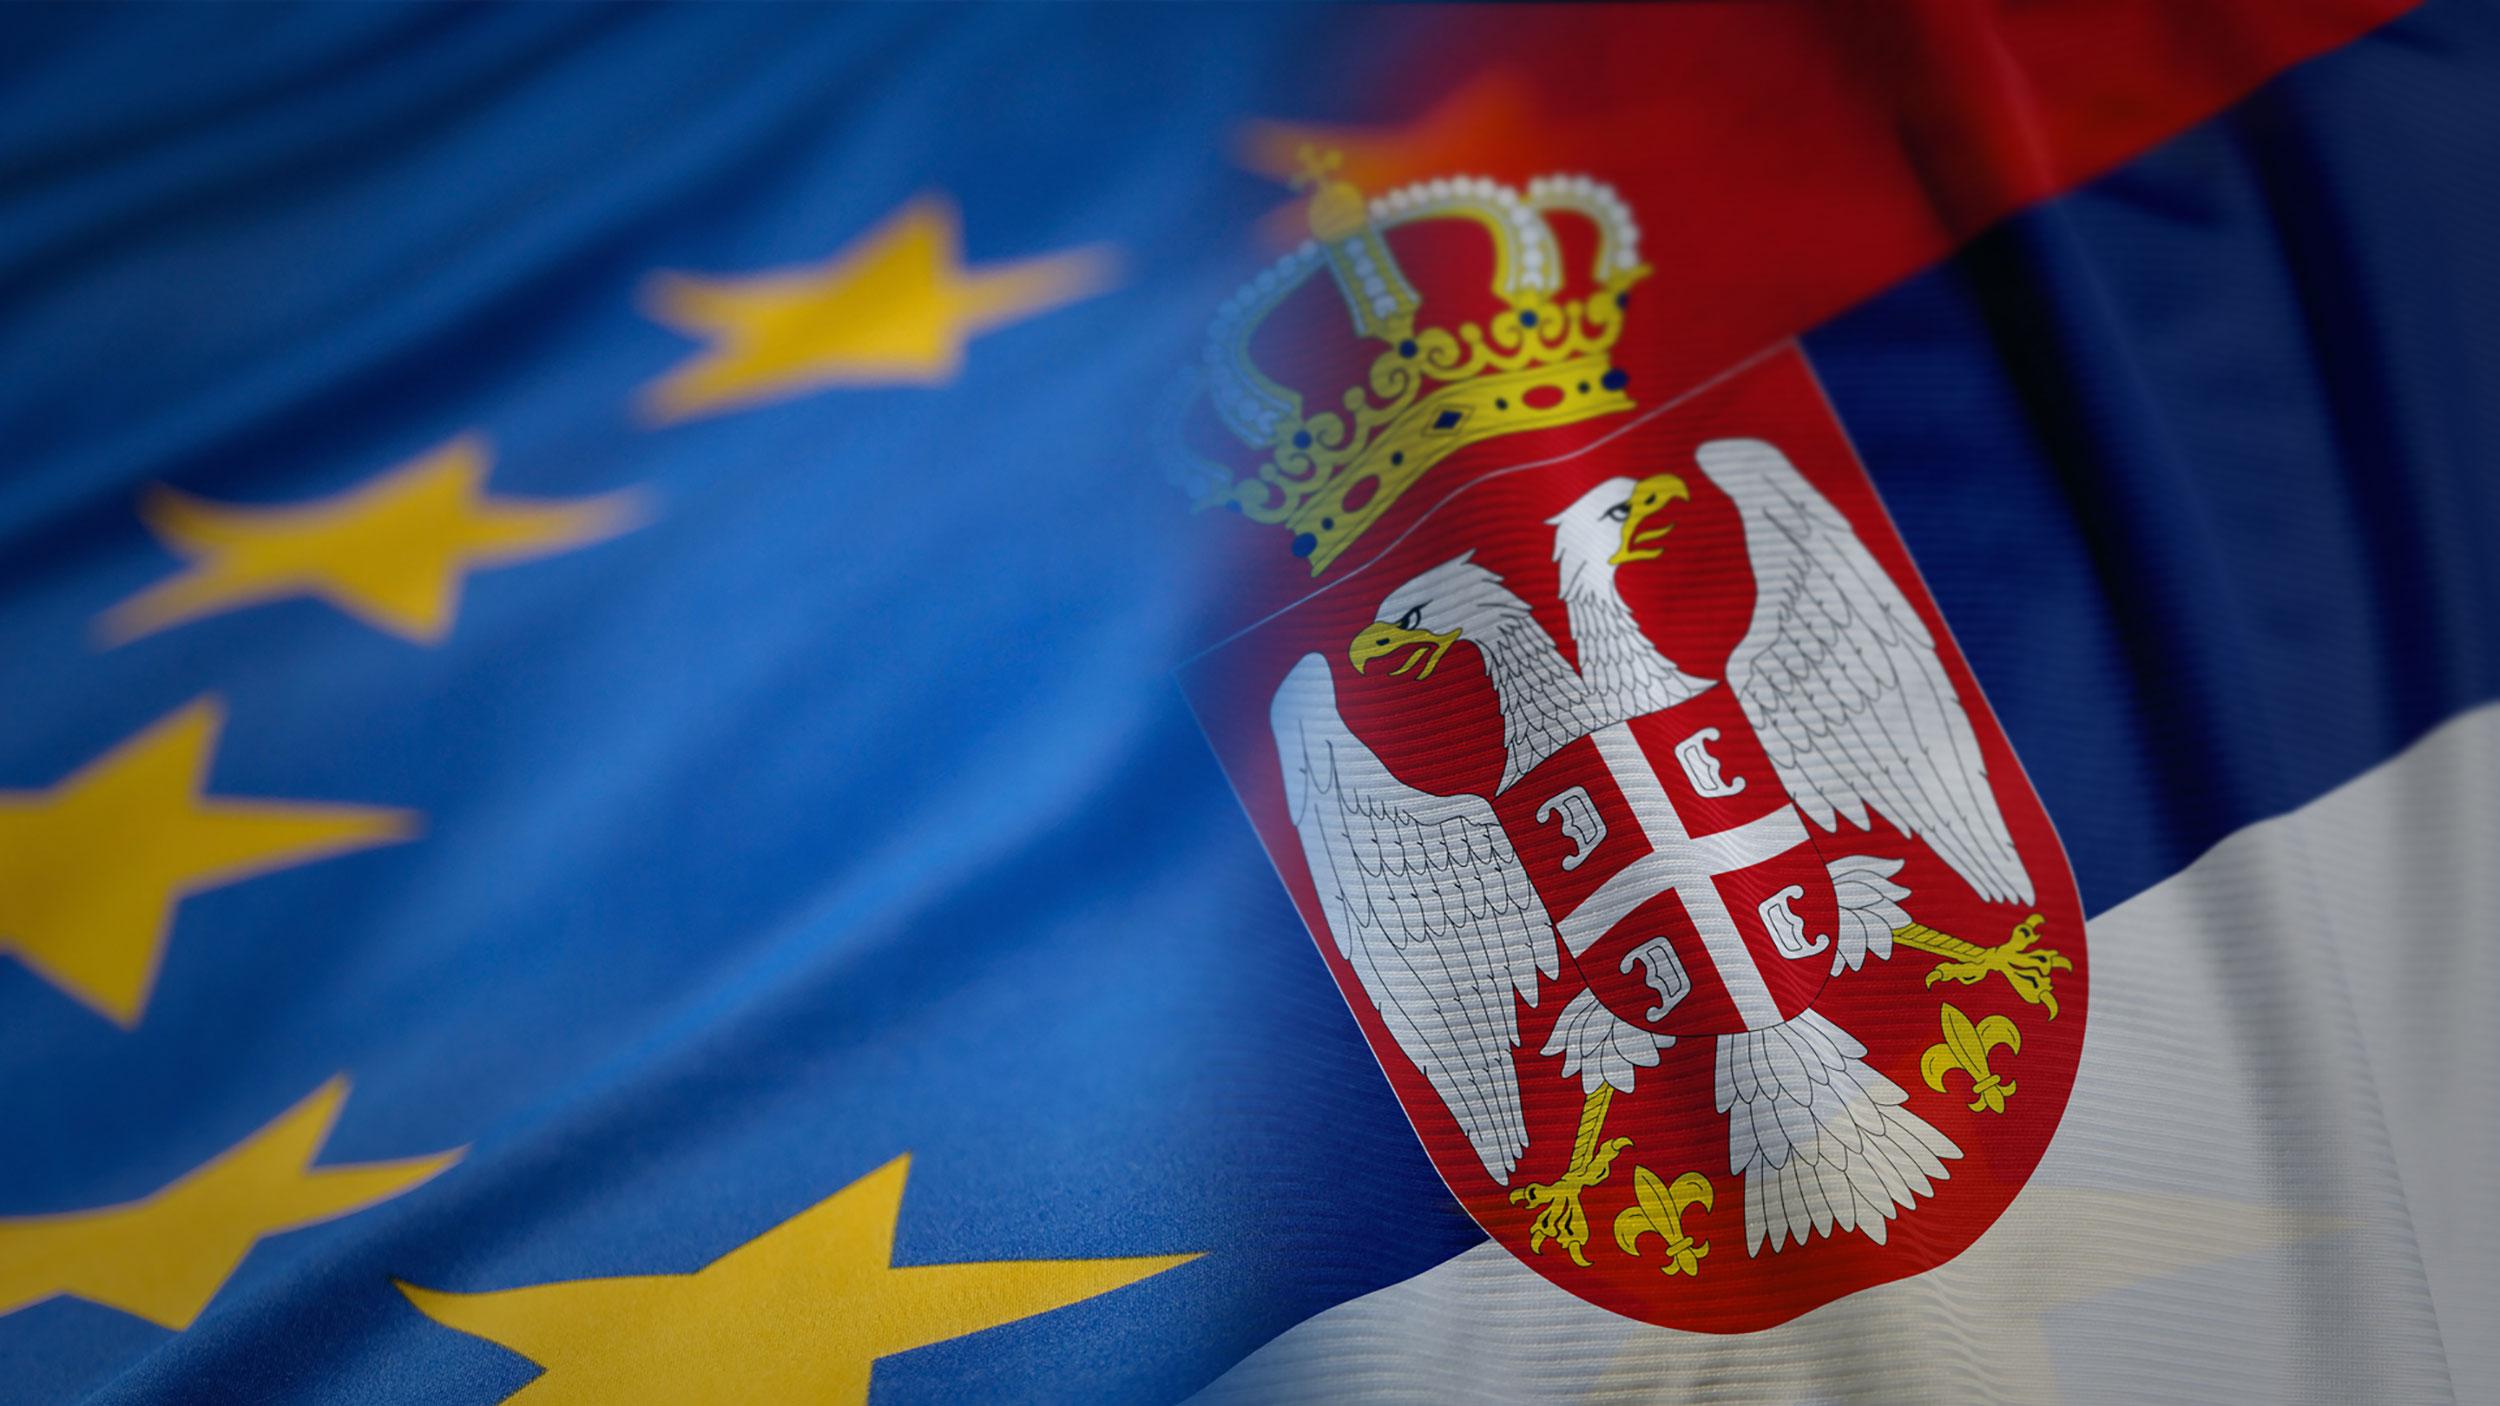 Višе od polovinе građana za Evropsku uniju